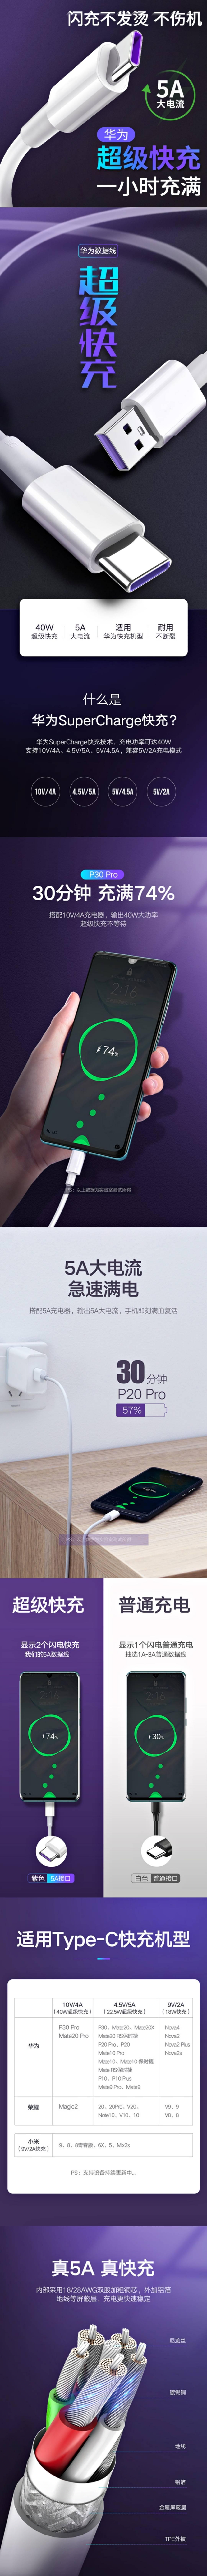 【全国包邮】19.9元抢华为/小米Type-c数据线4条(规格:1米),快充50%,不弹窗,一根能用好多年!